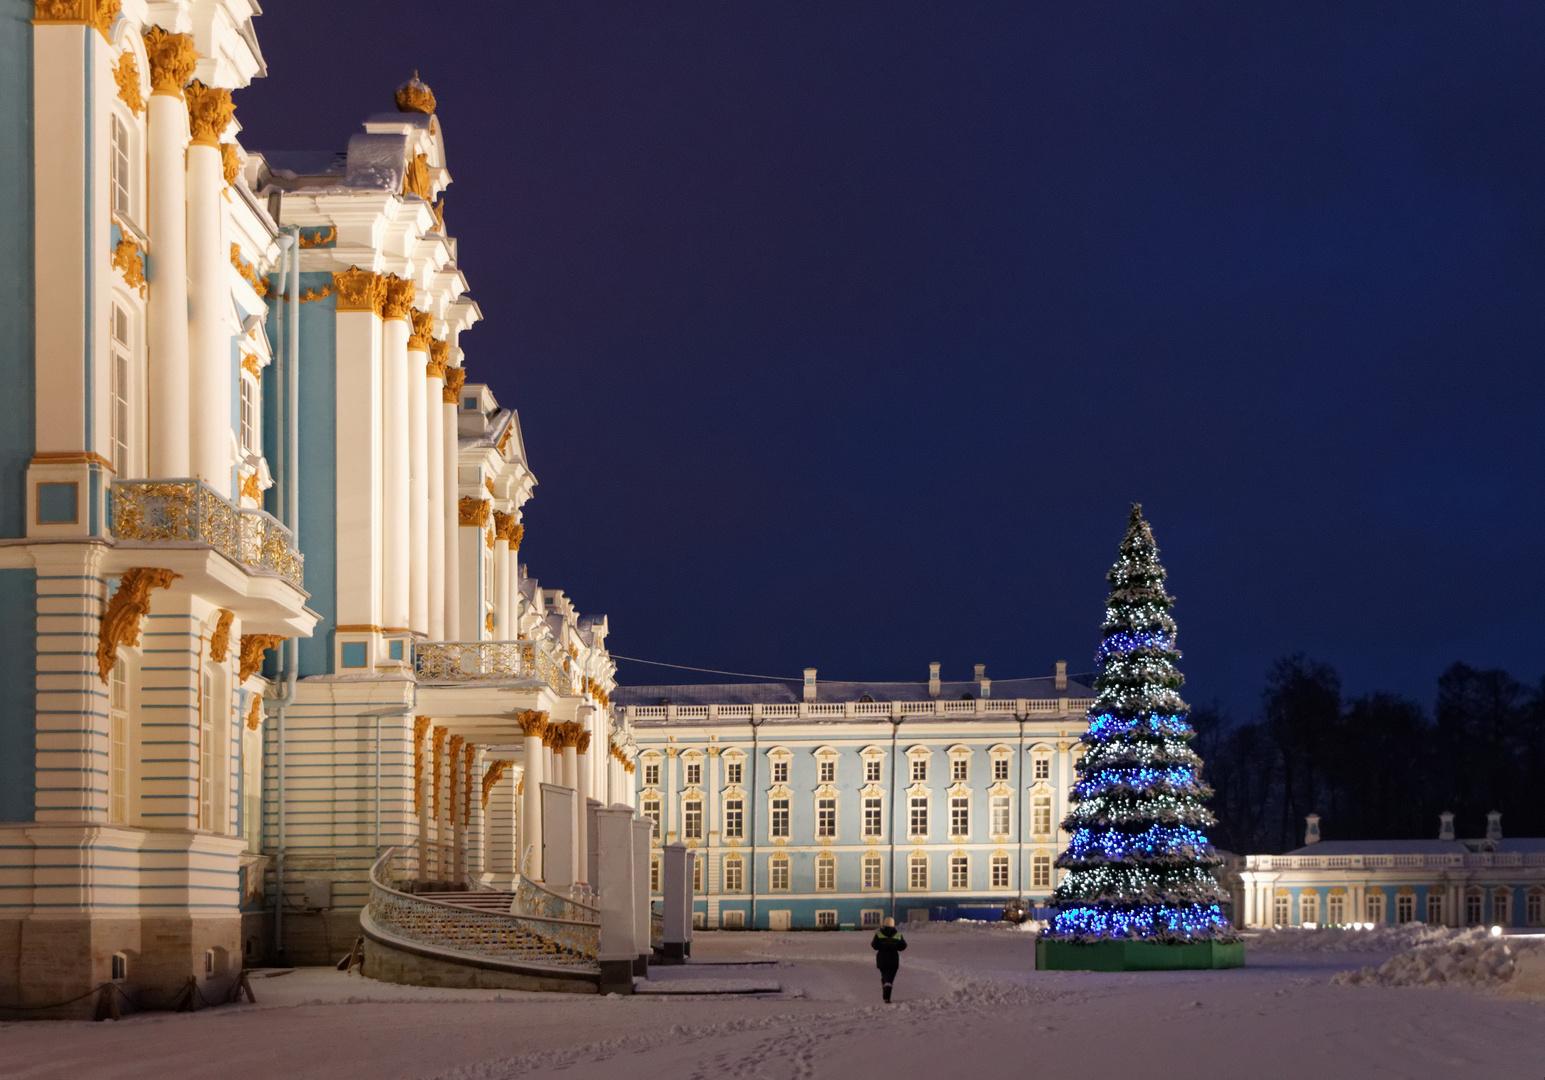 Katharinenpalast im Winter